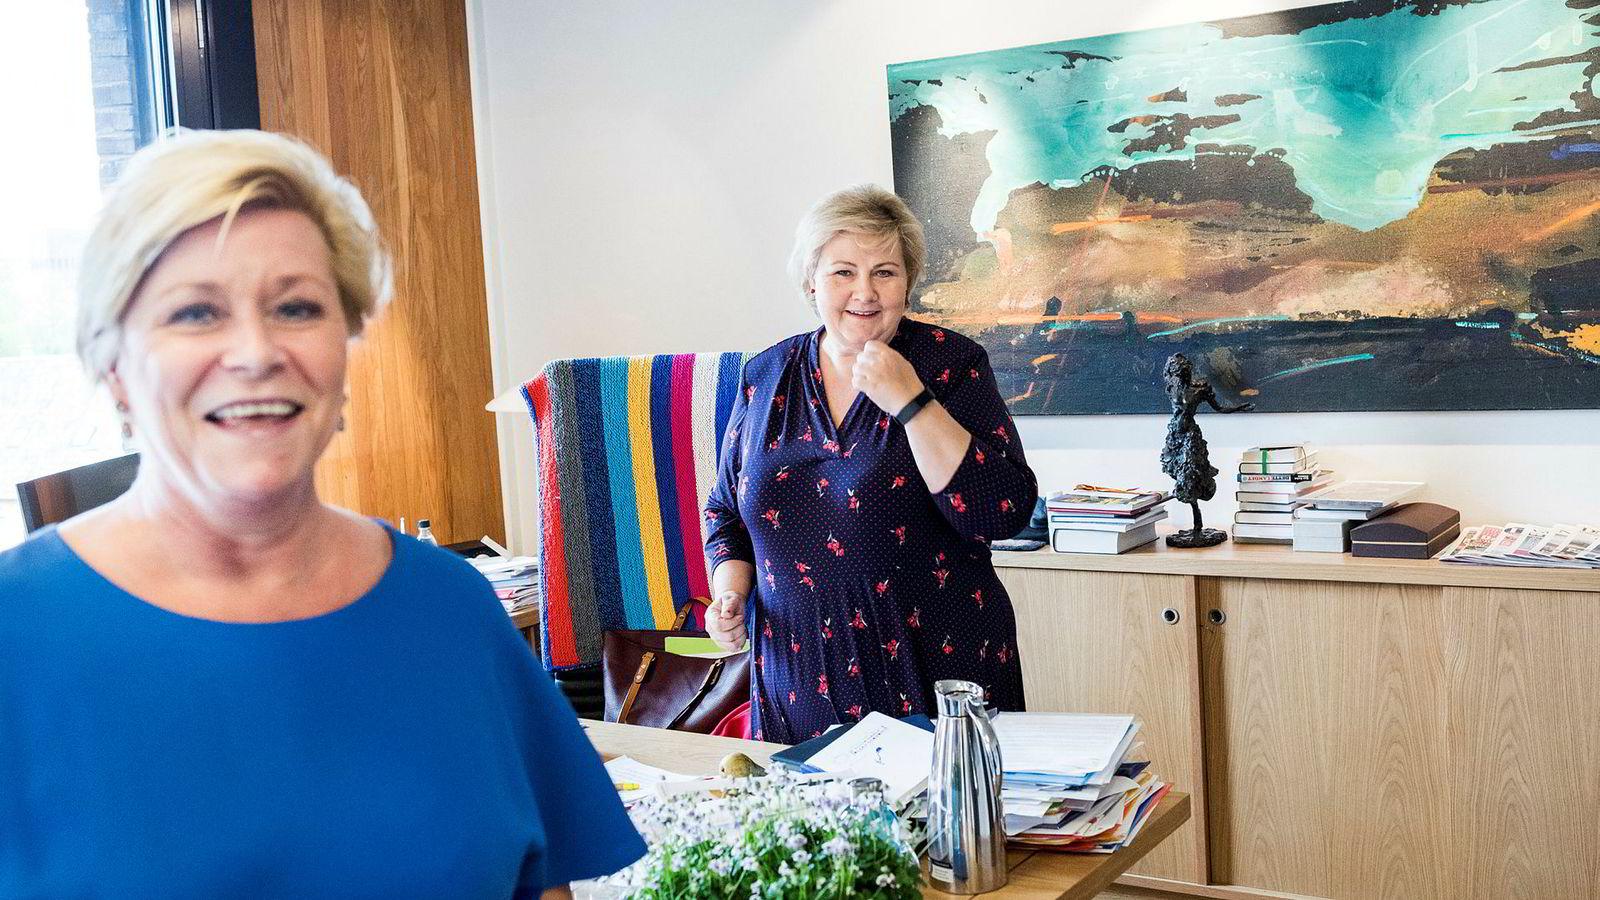 Erna Solberg og Siv Jensen blir i godt humør av tallene for norsk økonomi og arbeidsliv i revidert nasjonalbudsjett som legges frem tirsdag.